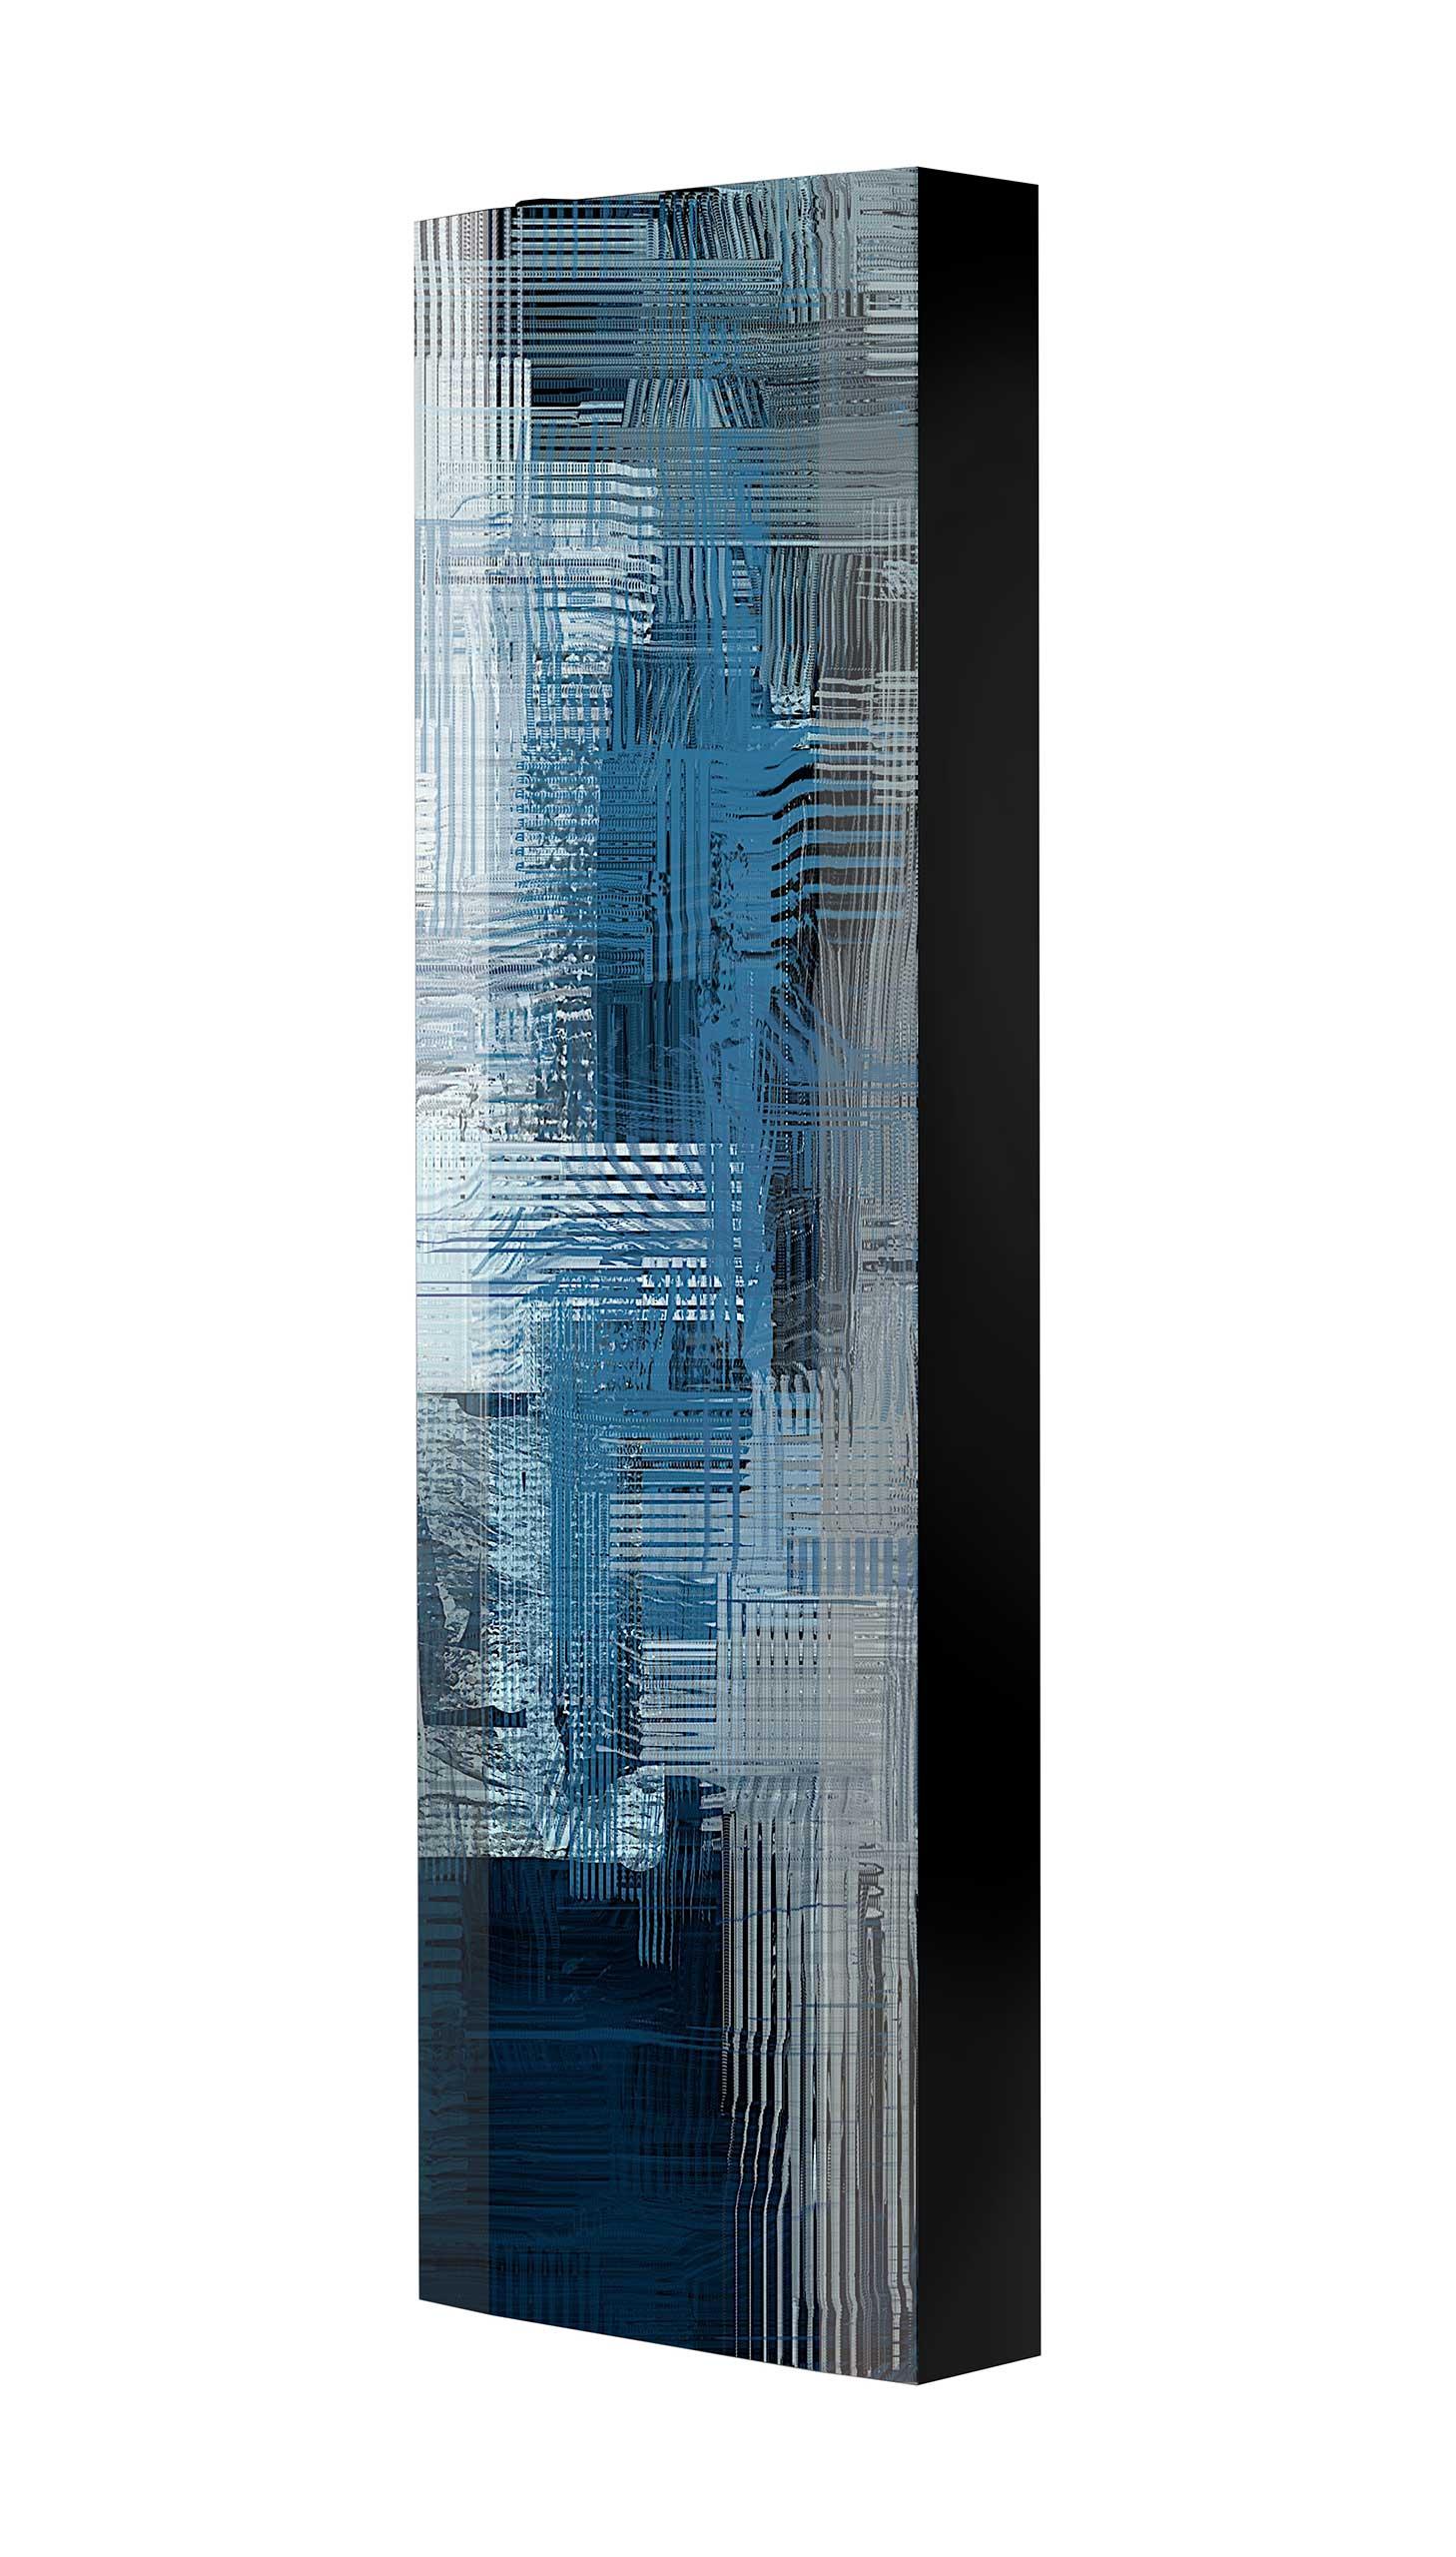 Schuhschrank FLASH 450 BLACK-EDITION Motivschrank schwarz drehbar M136 Abstrakt Kunst